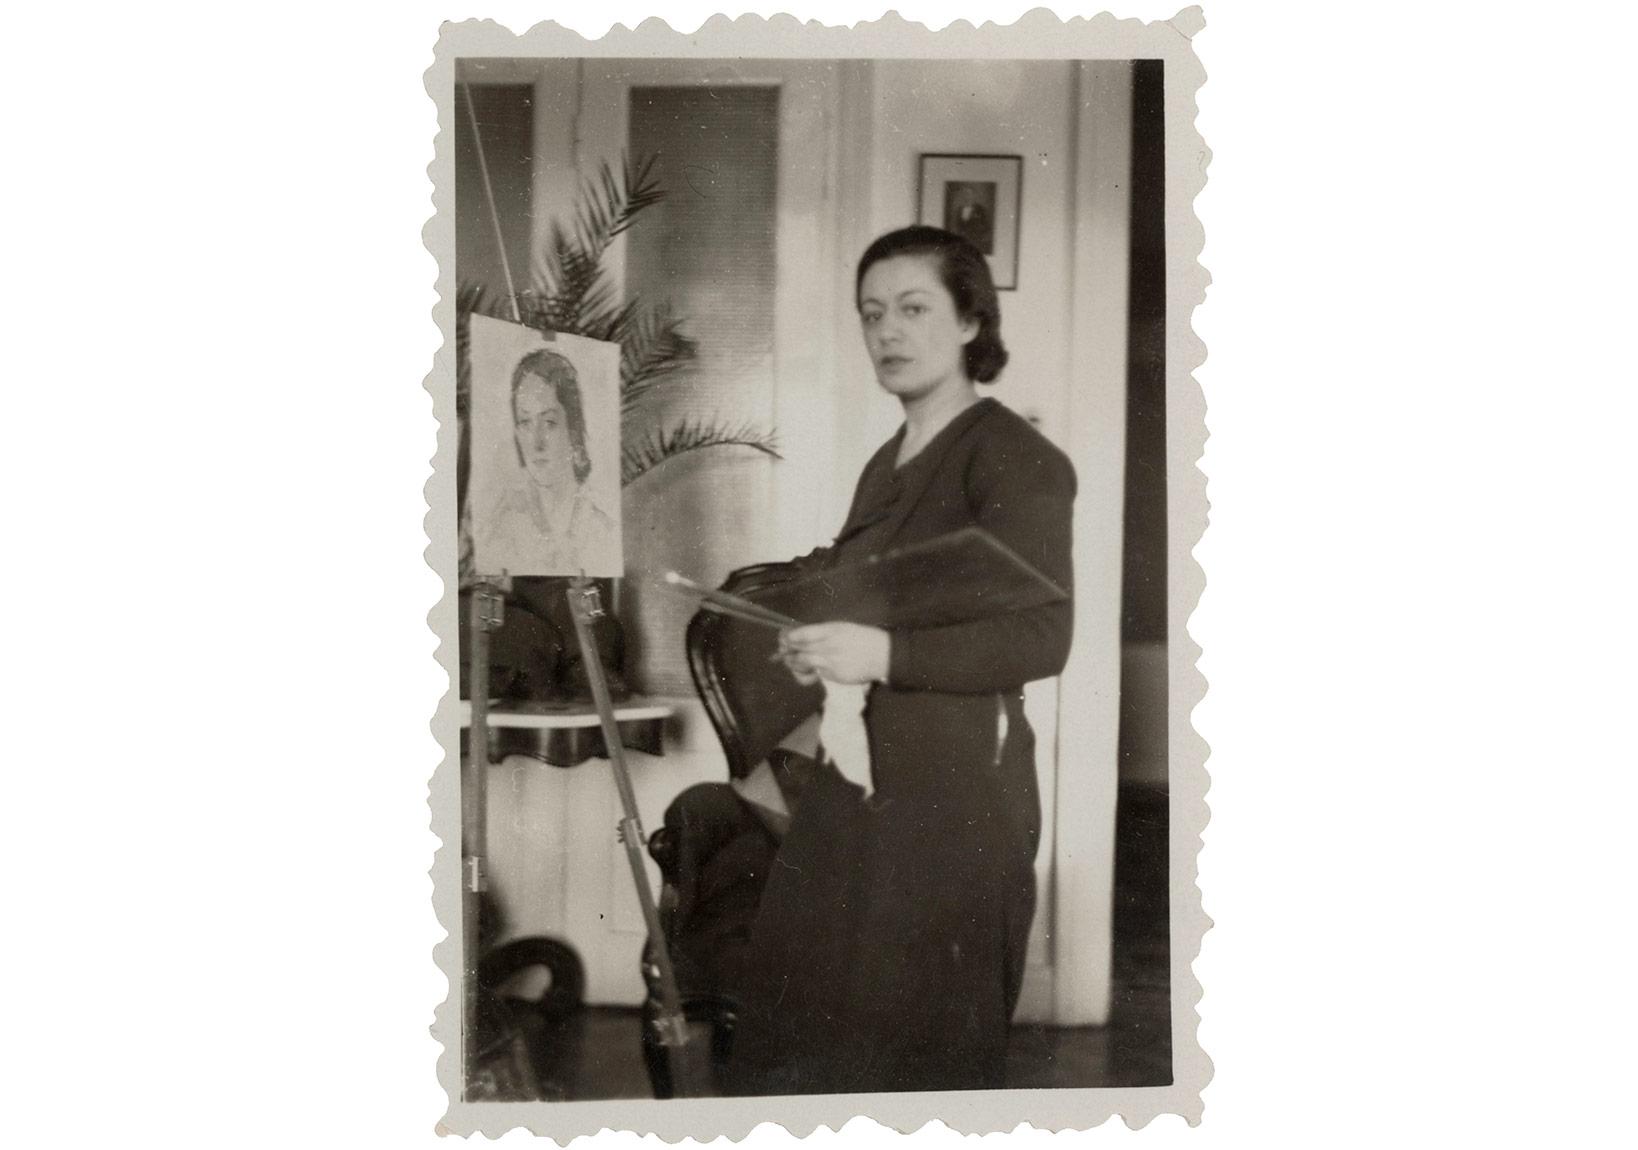 Sabiha BozcalıSALT Araştırma, Sabiha Rüştü Bozcalı Arşivi